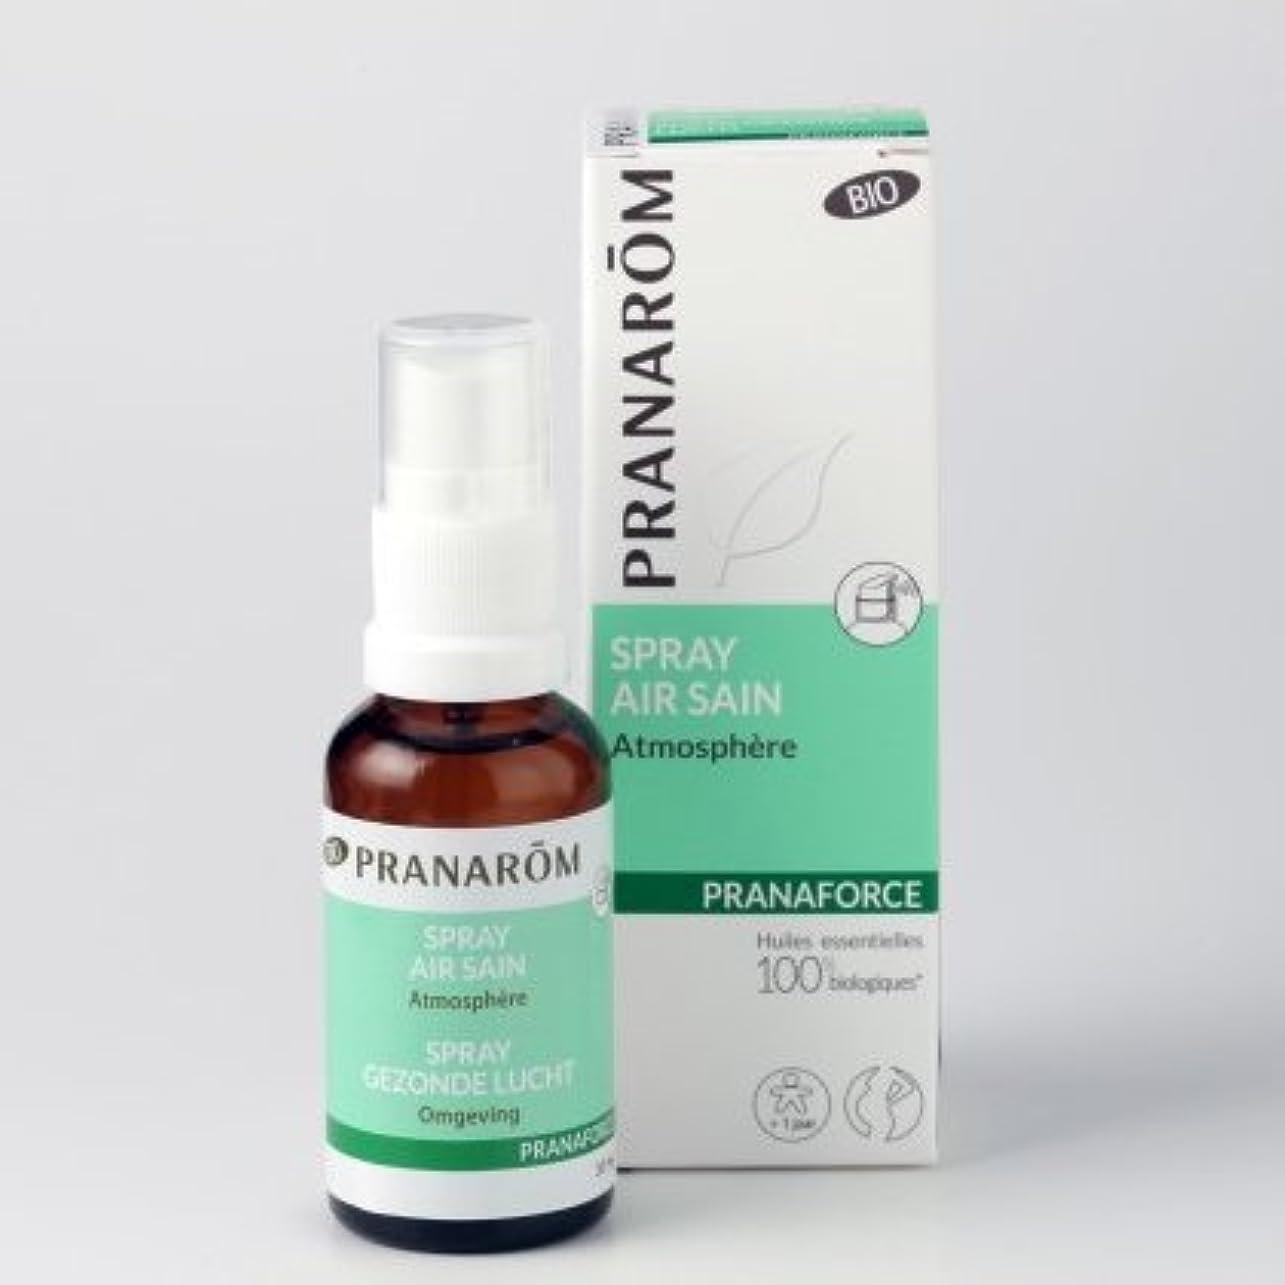 豊富にヘビー助言するメディカルアロマのプラナロムが作った芳香剤 プラナフォーススプレー